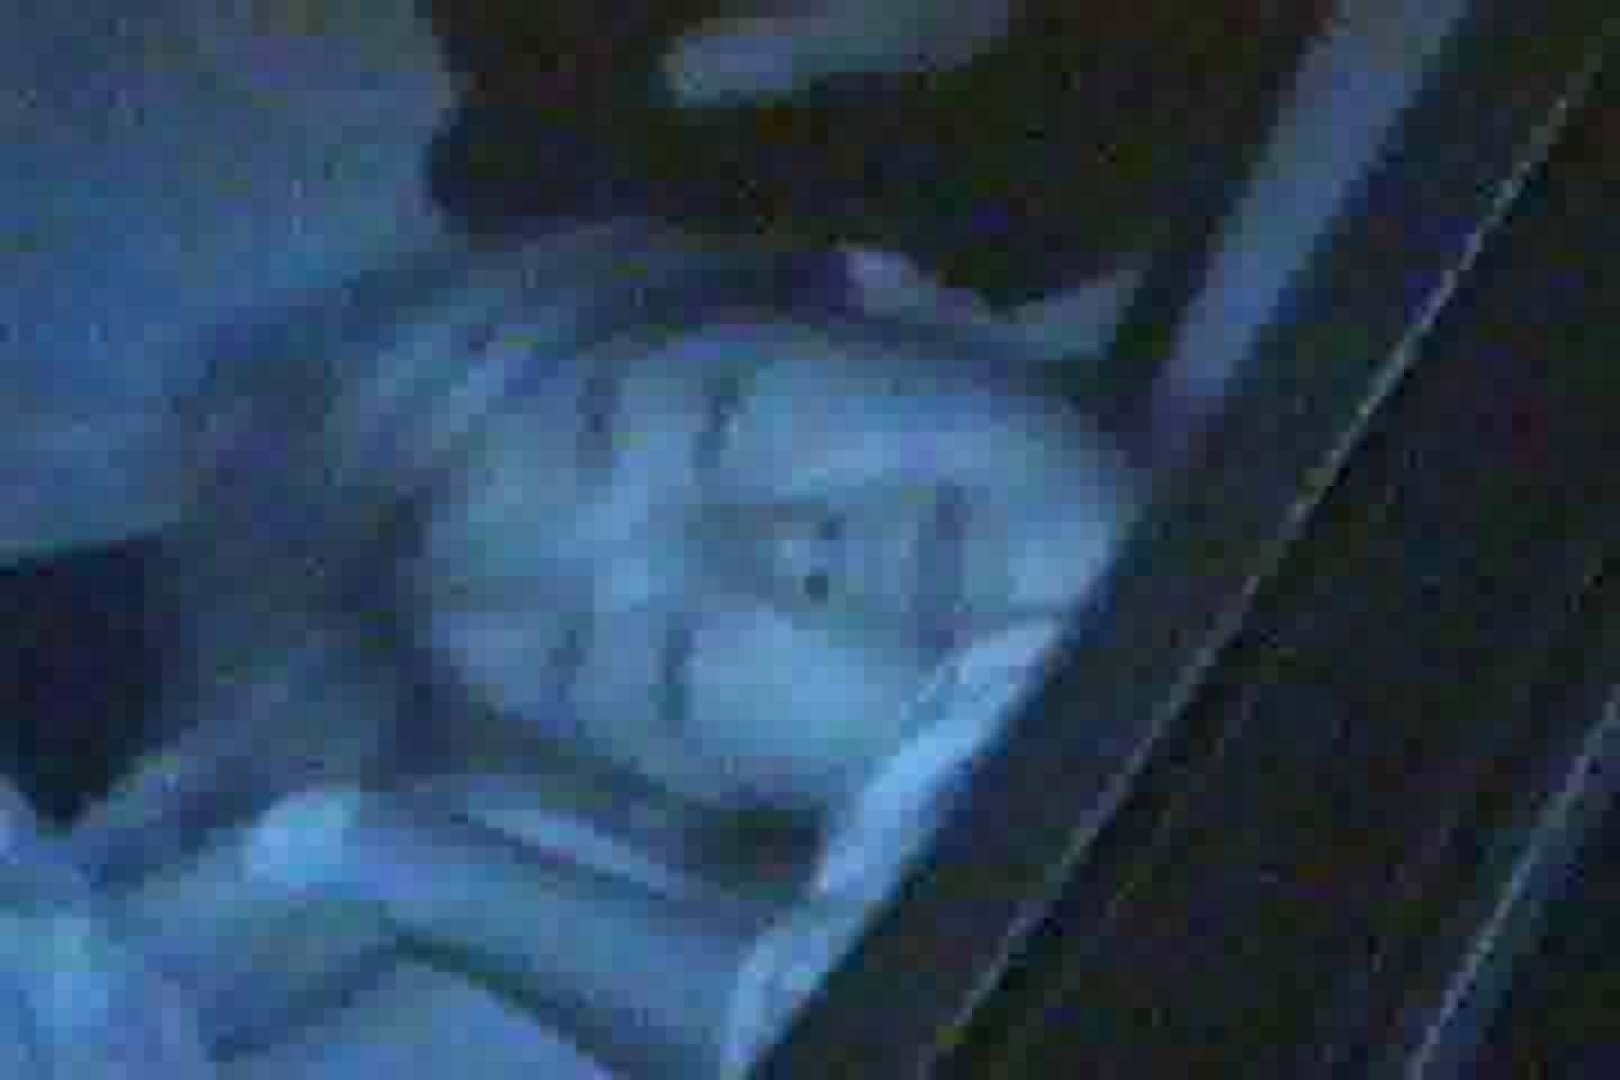 充血監督の深夜の運動会Vol.32 ギャルのエロ動画 おめこ無修正動画無料 66画像 52